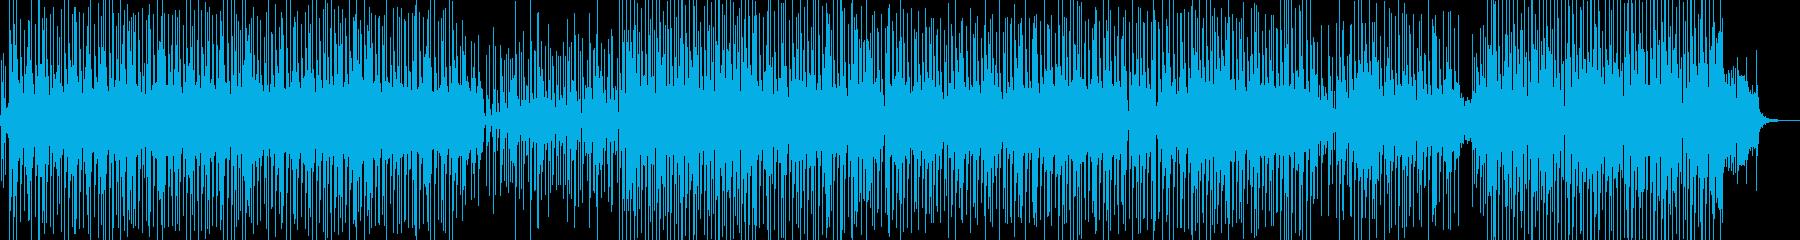 軽快・バカンスイメージのレゲェポップ ★の再生済みの波形